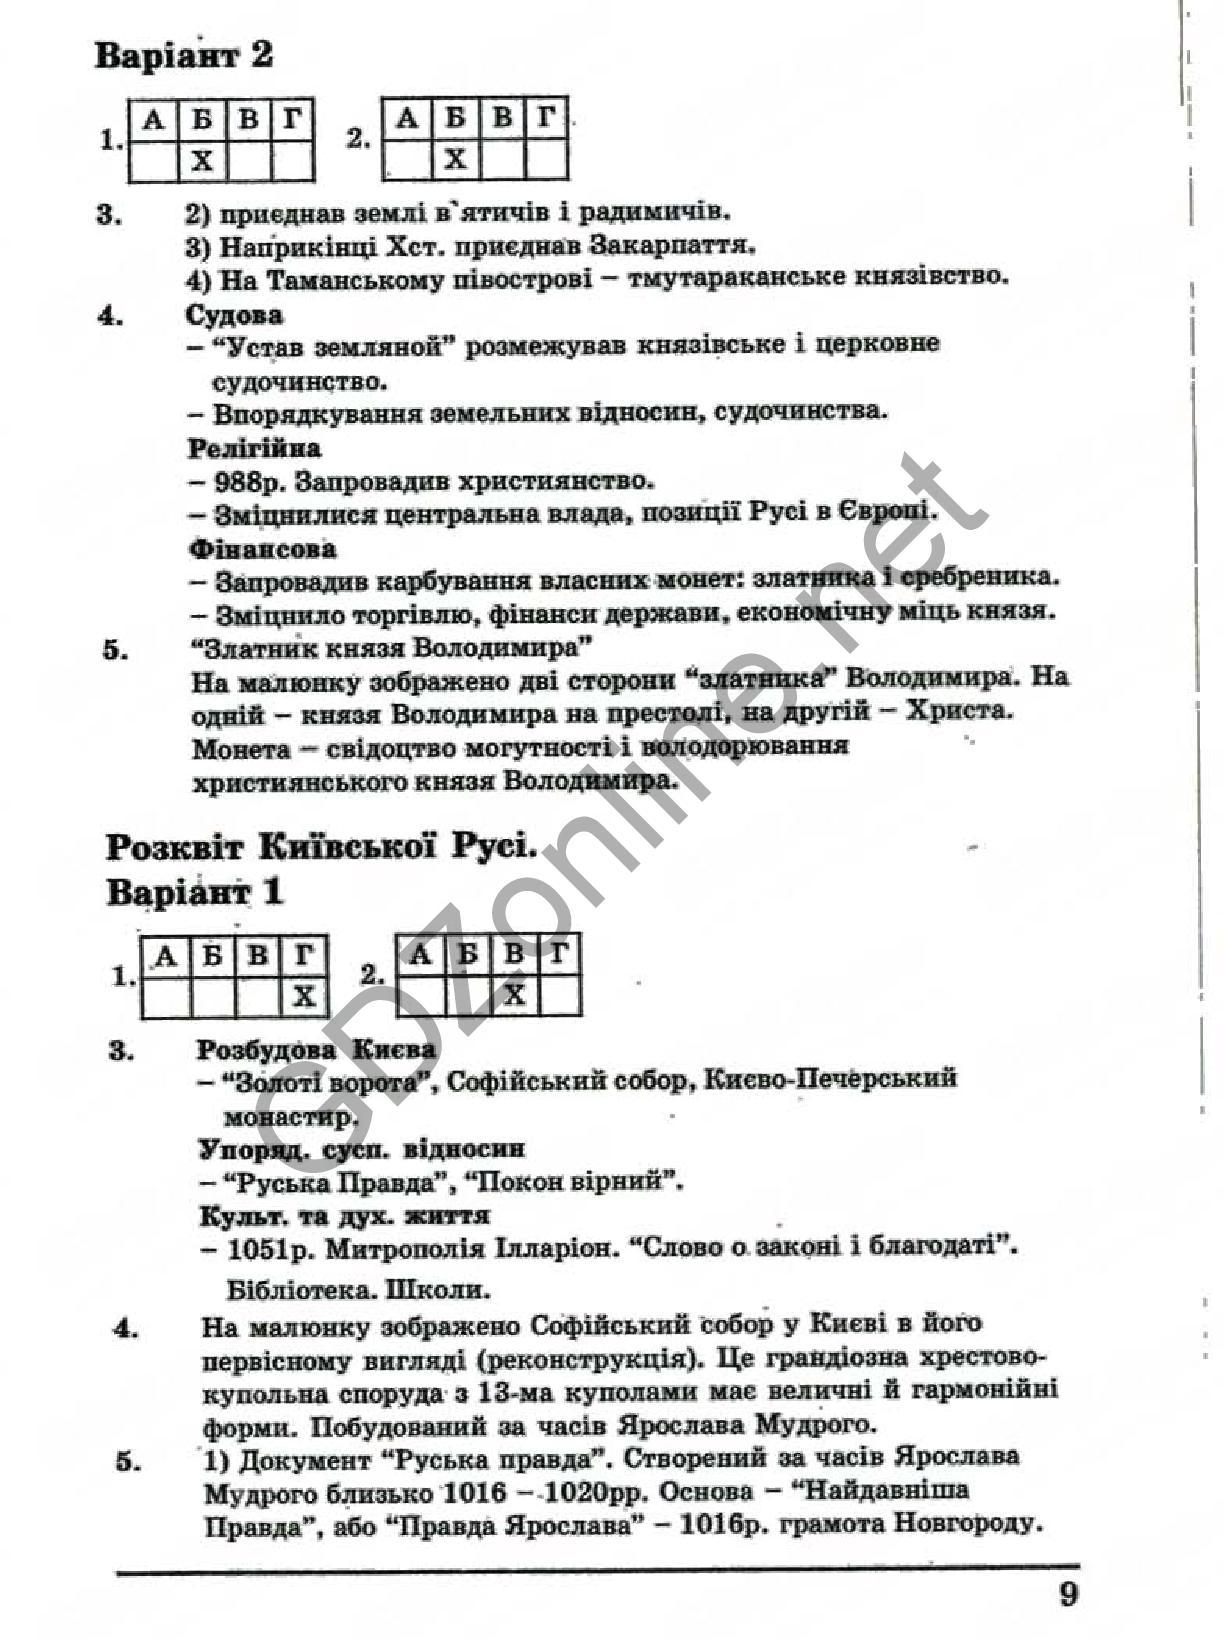 Решебник по истории украины 7 класс читать онлайн